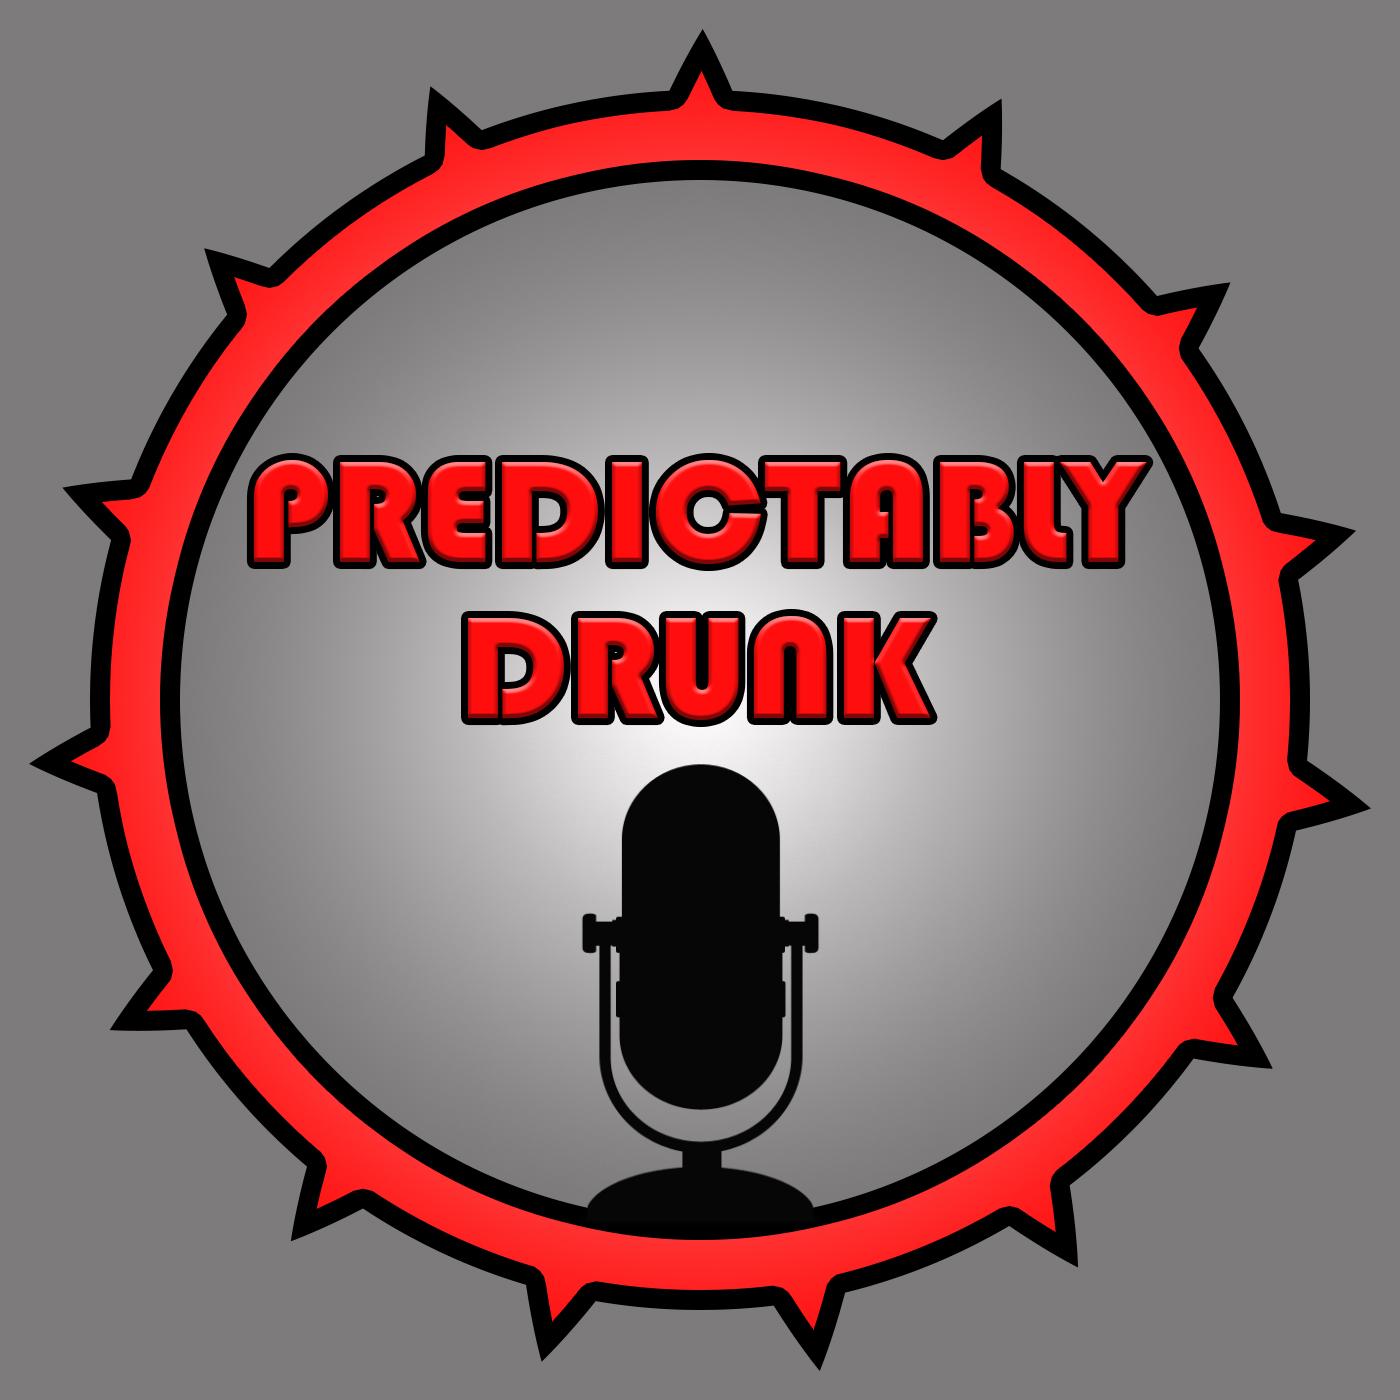 Predictably Drunk